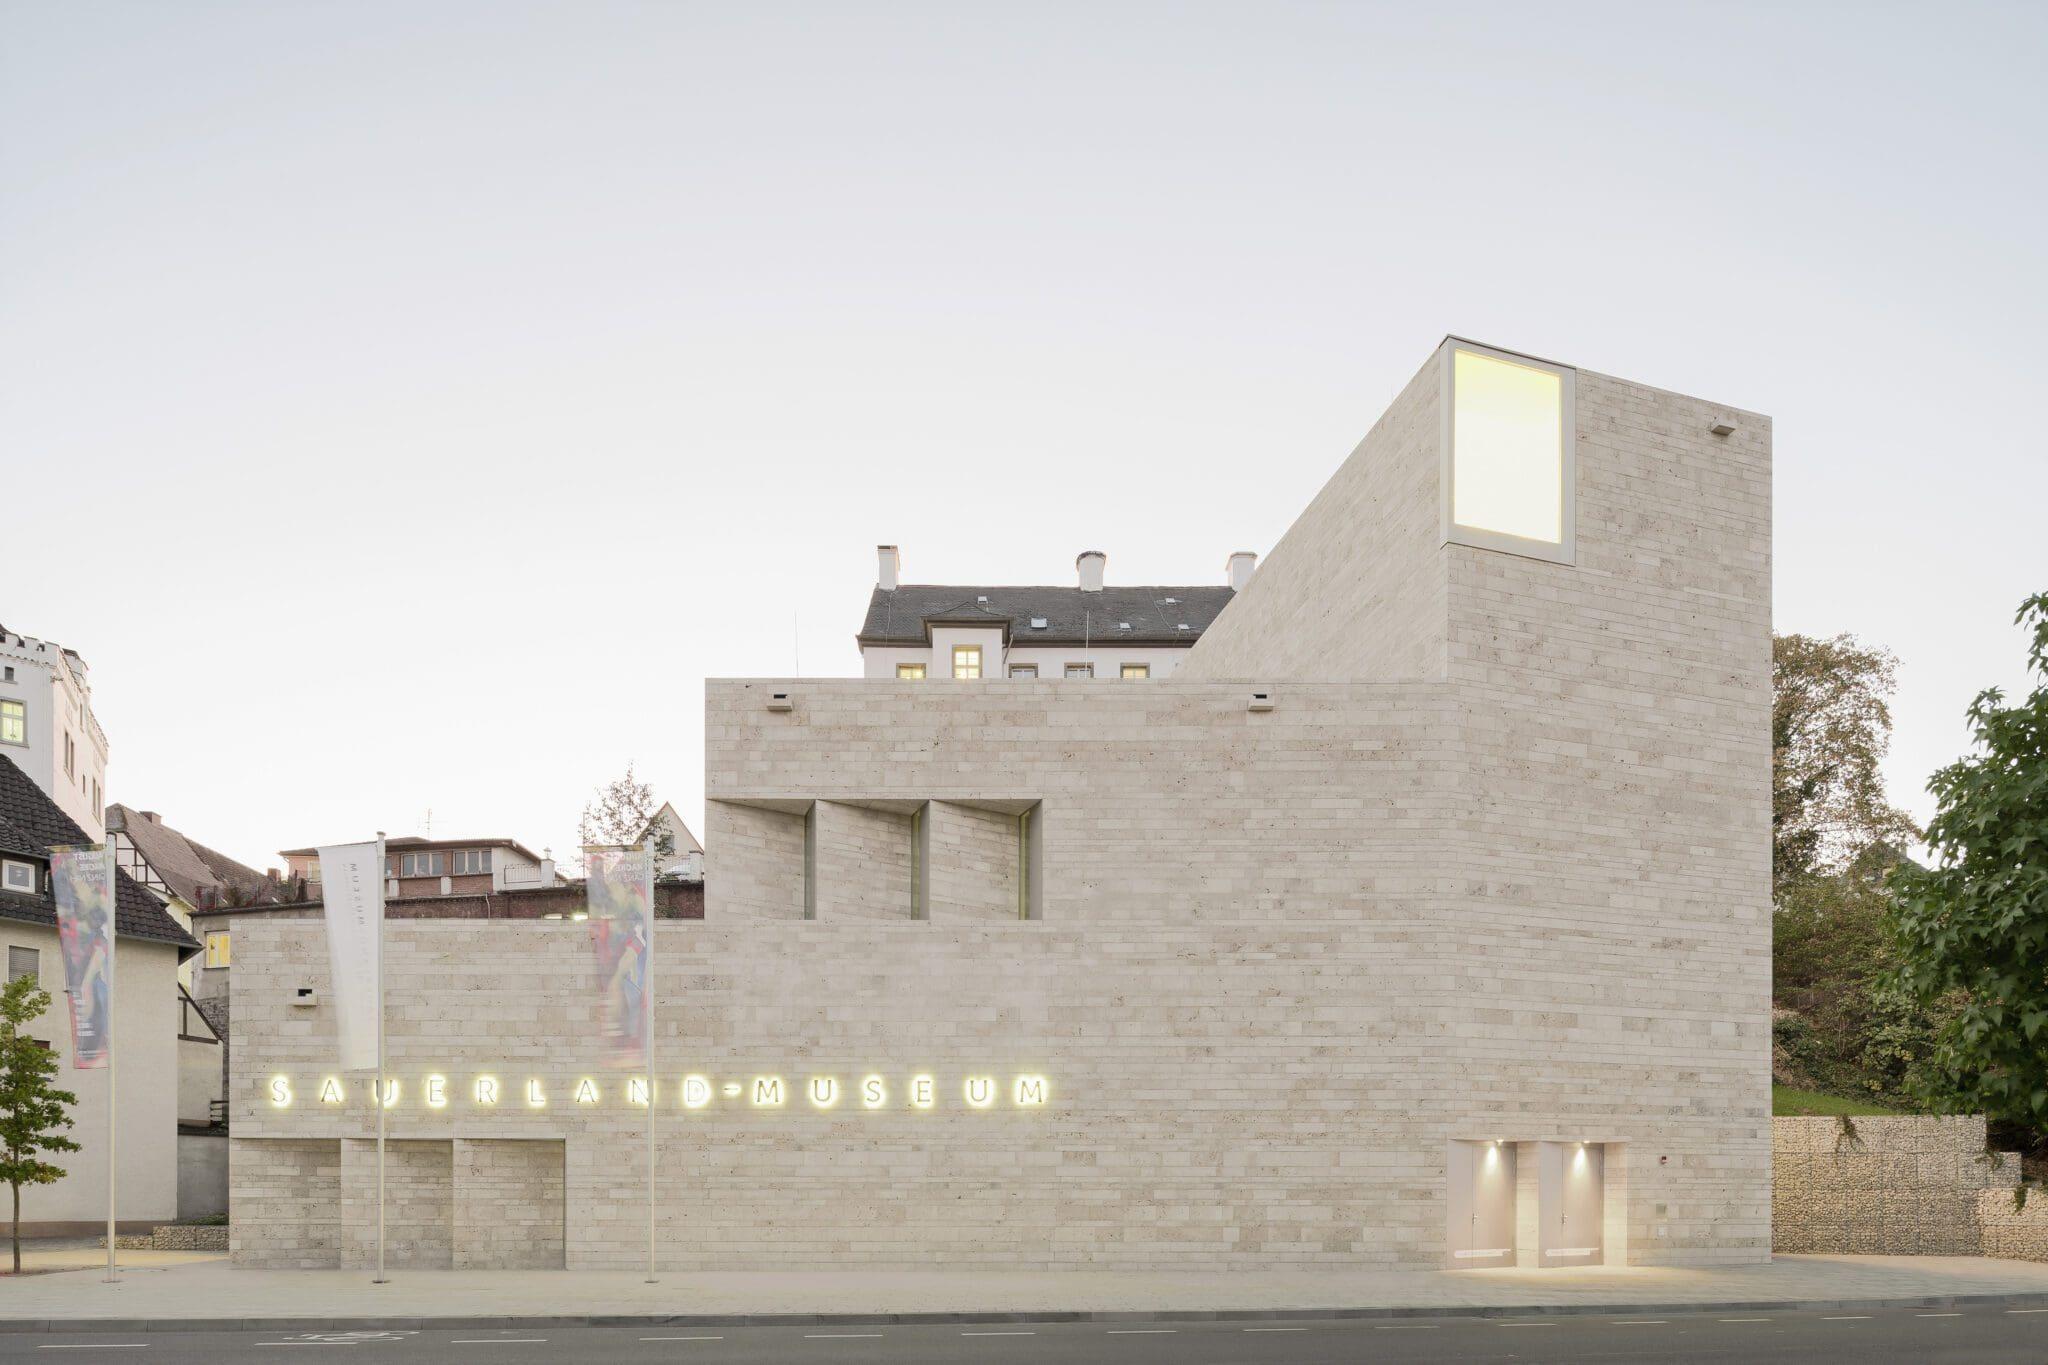 Sauerland-Museum in Arnsberg - die Architektur des Neubaus wurde mehrfach prämiert - Foto Brigida Gonzalez